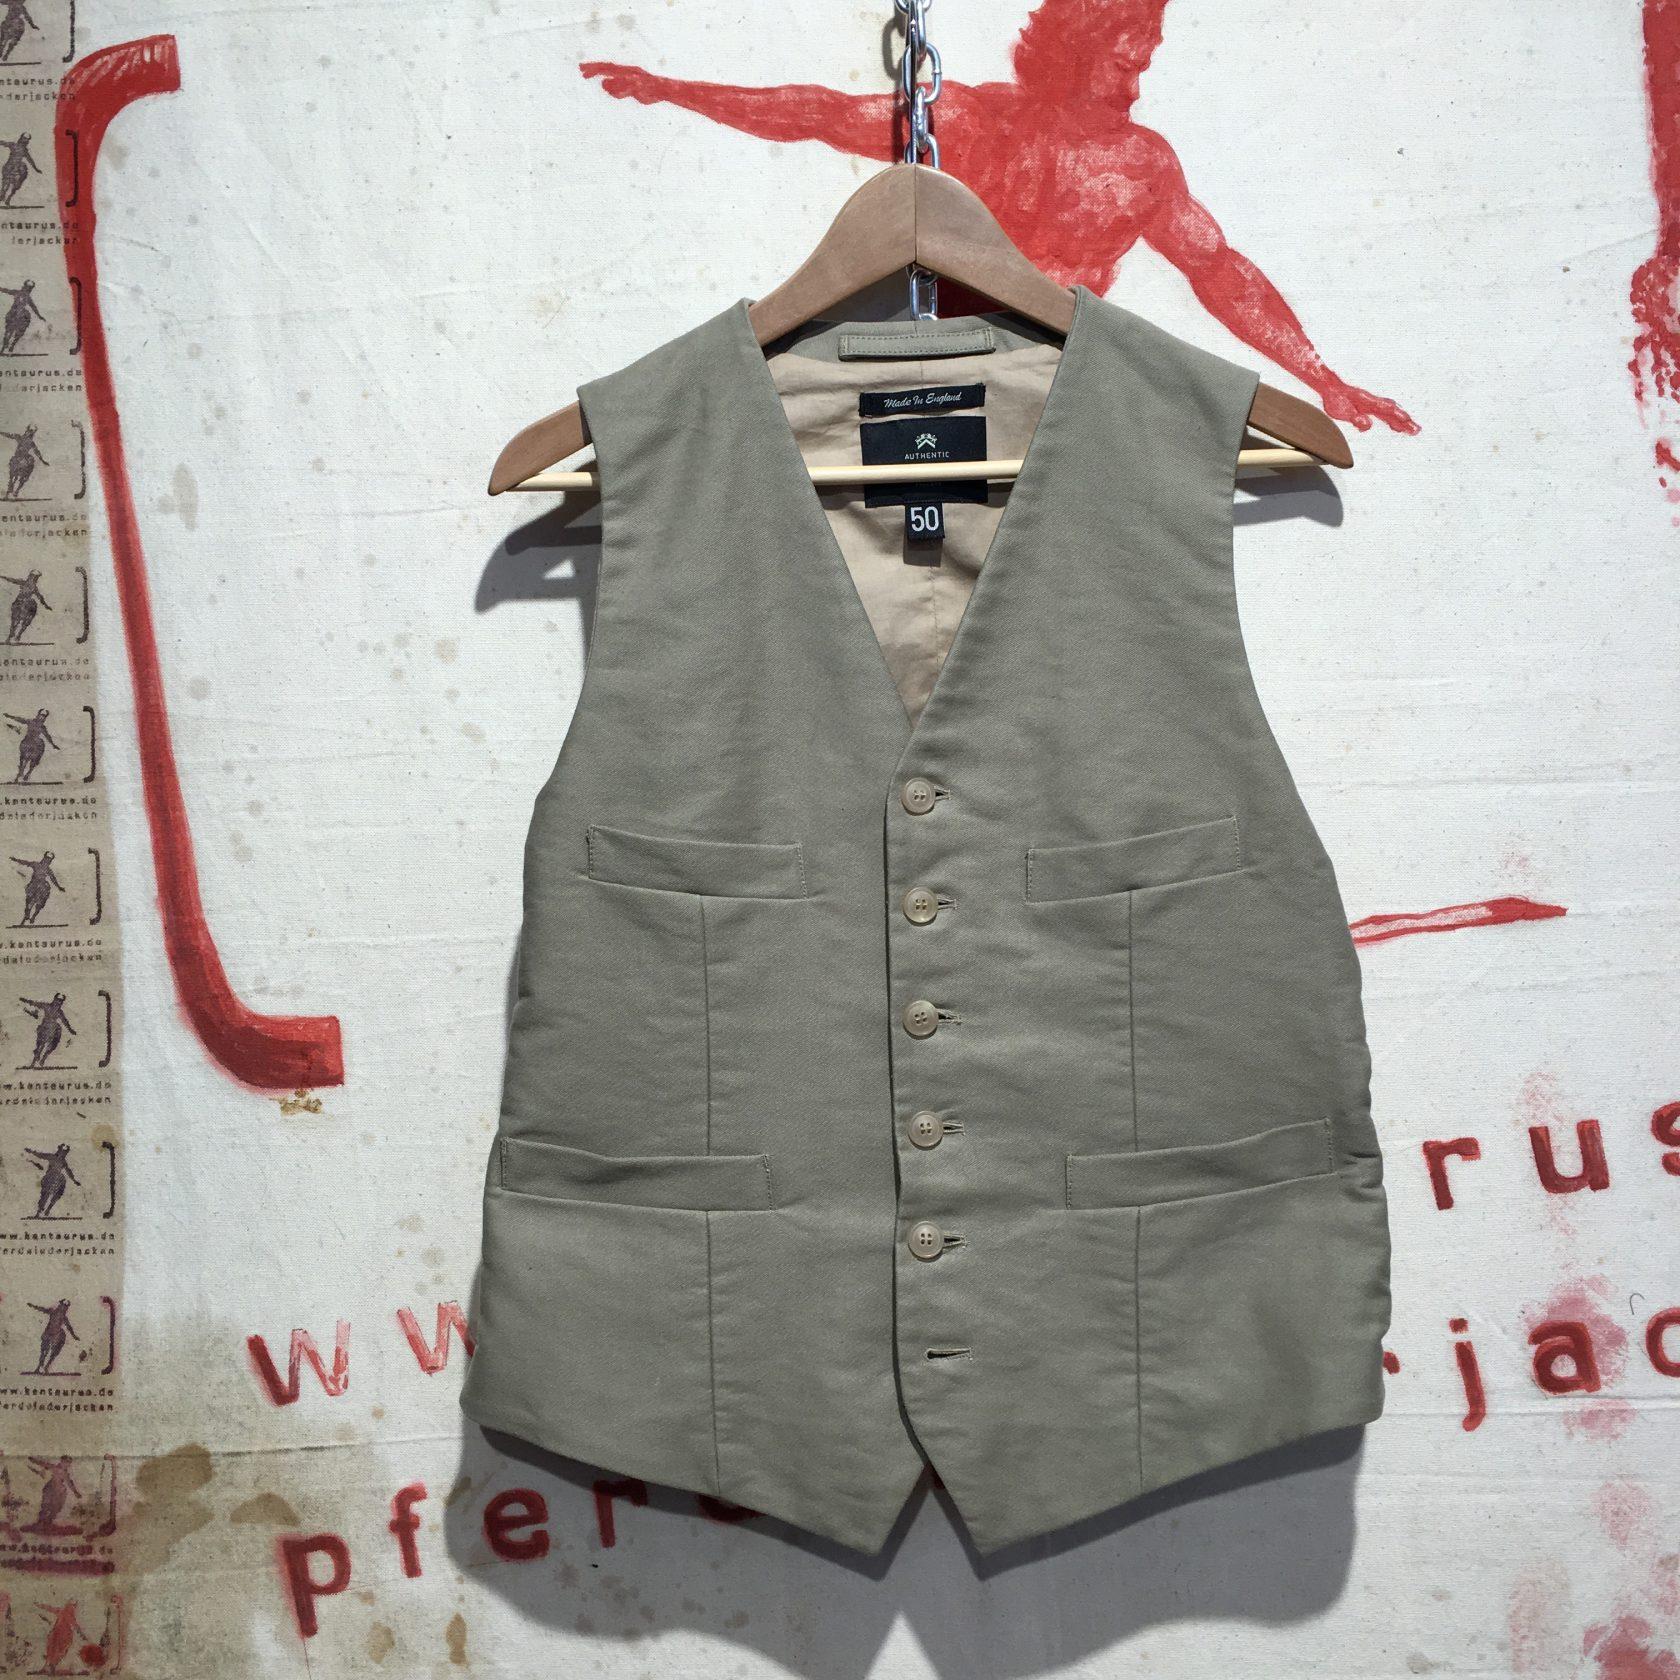 Cabourn 3 piece suit vest